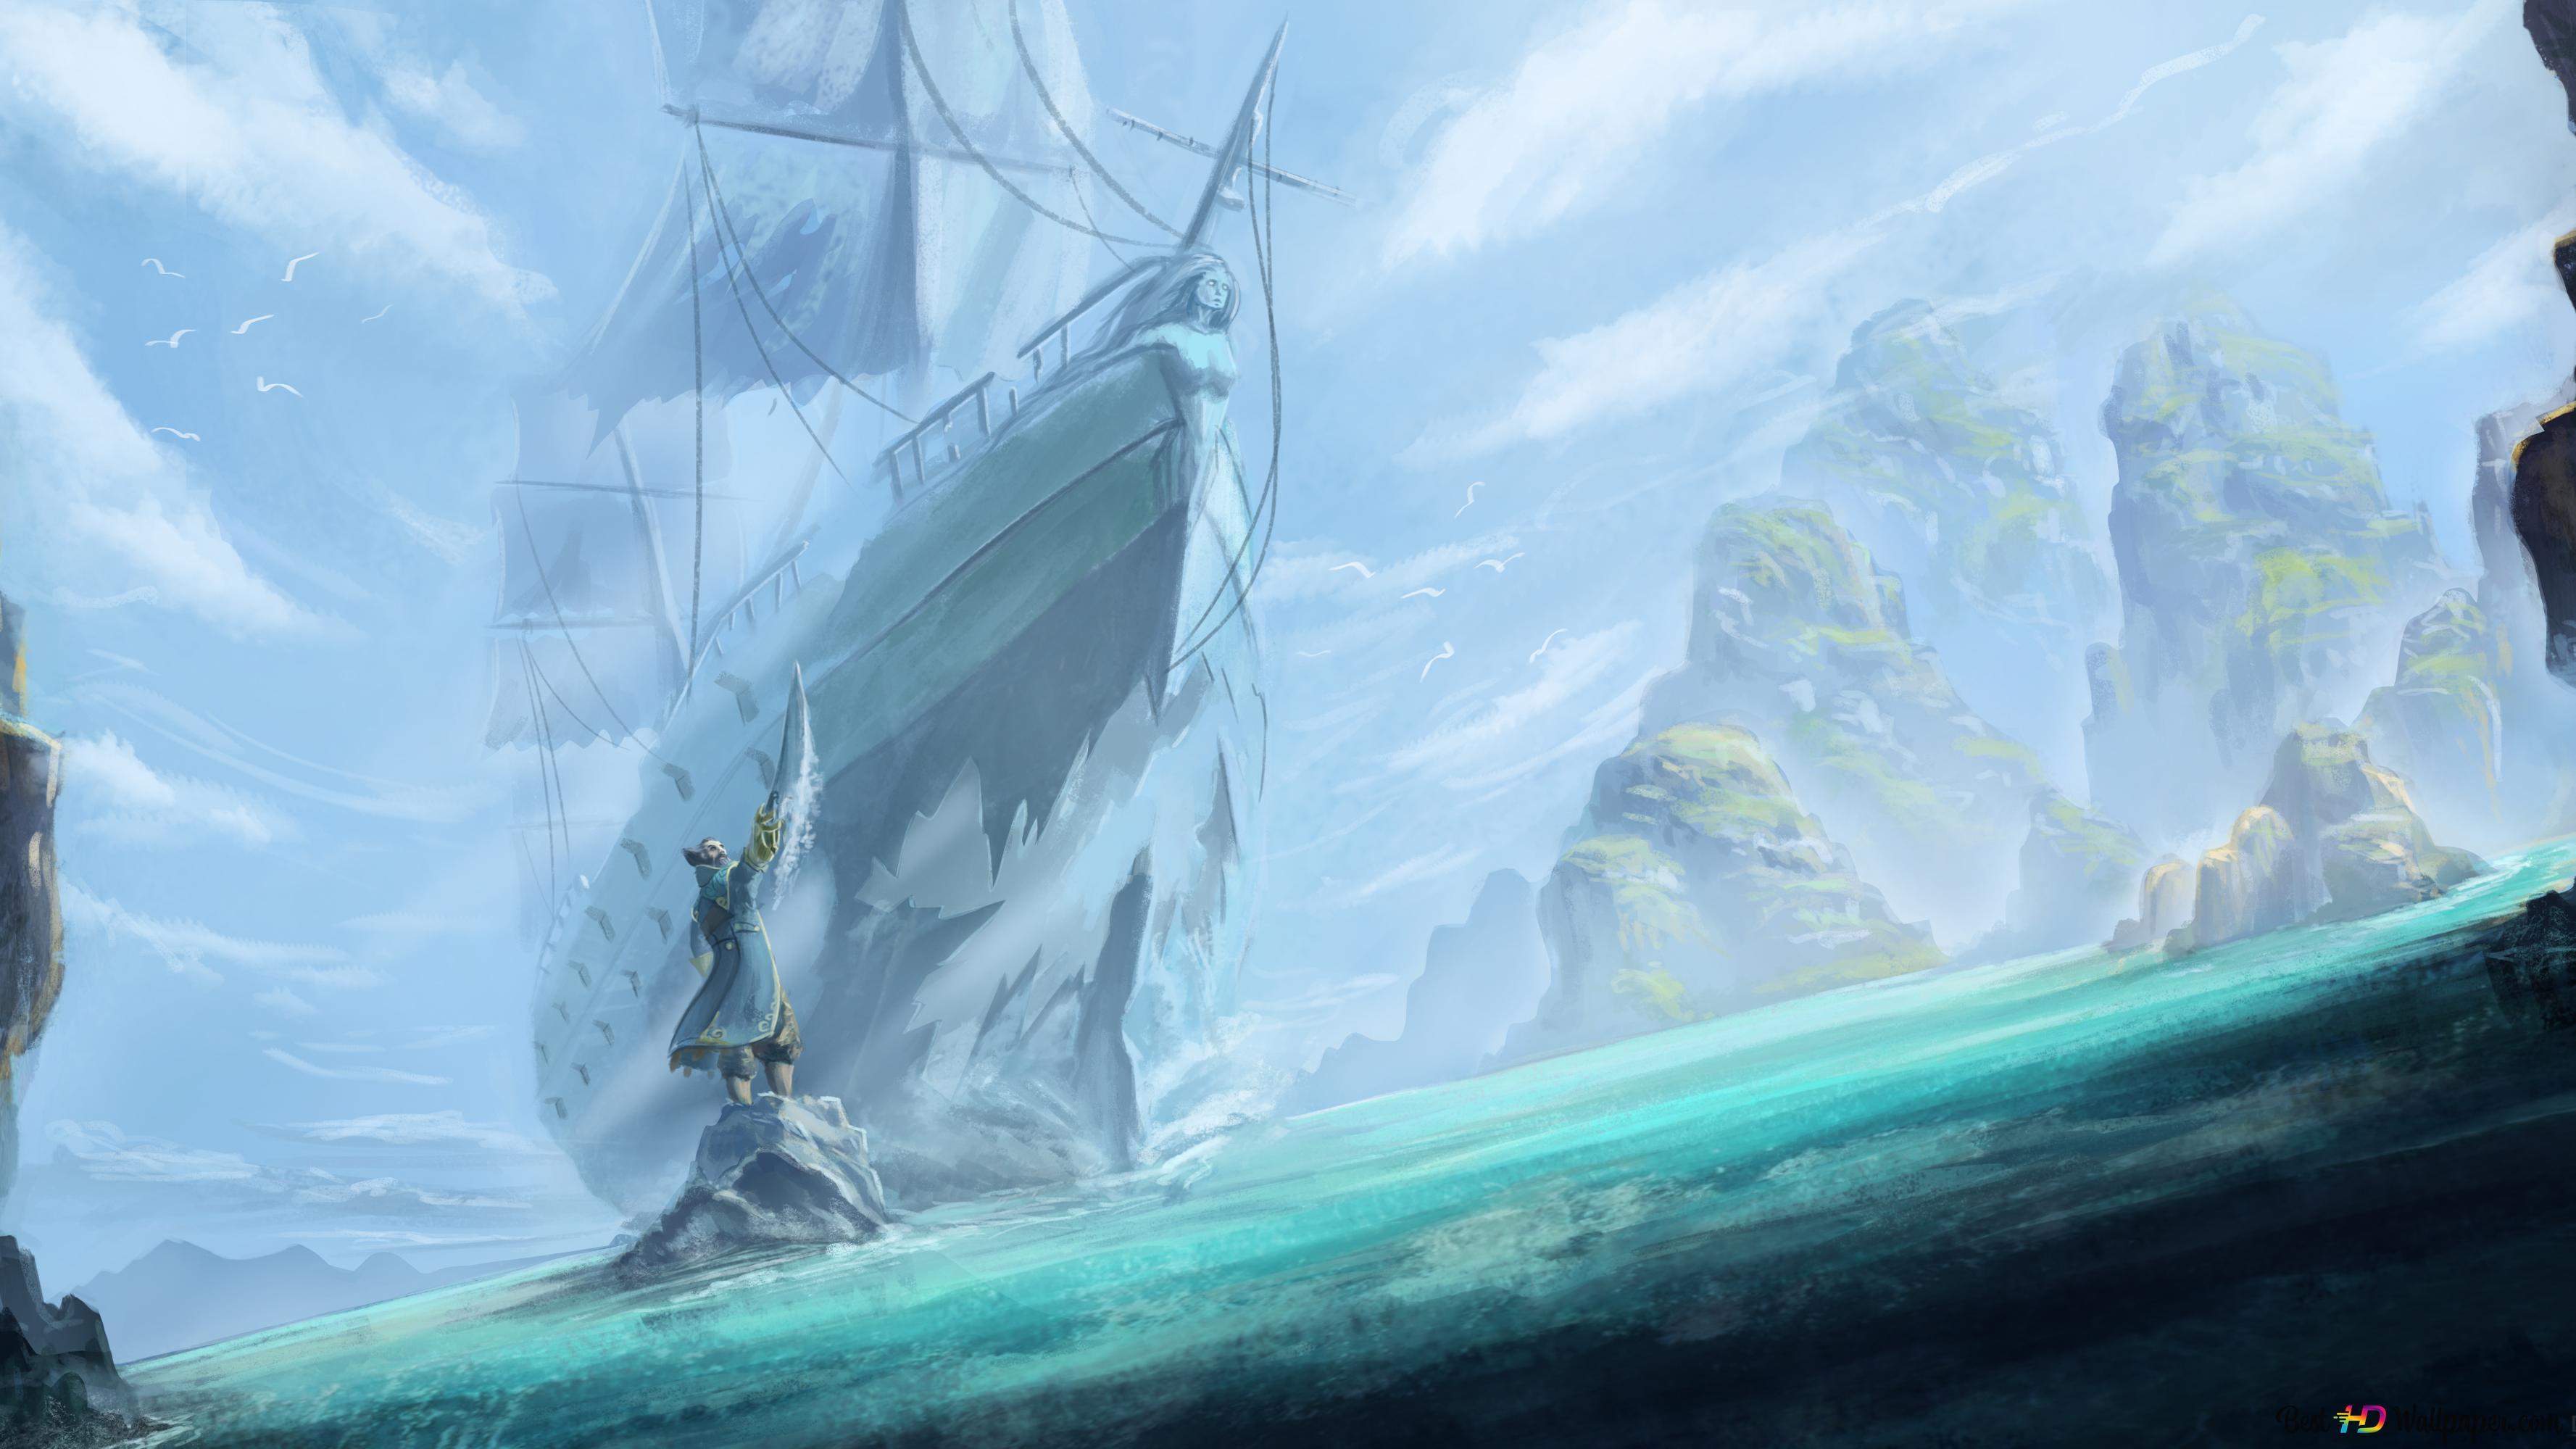 DotA 2 (Kunkka Pirate Ship) HD